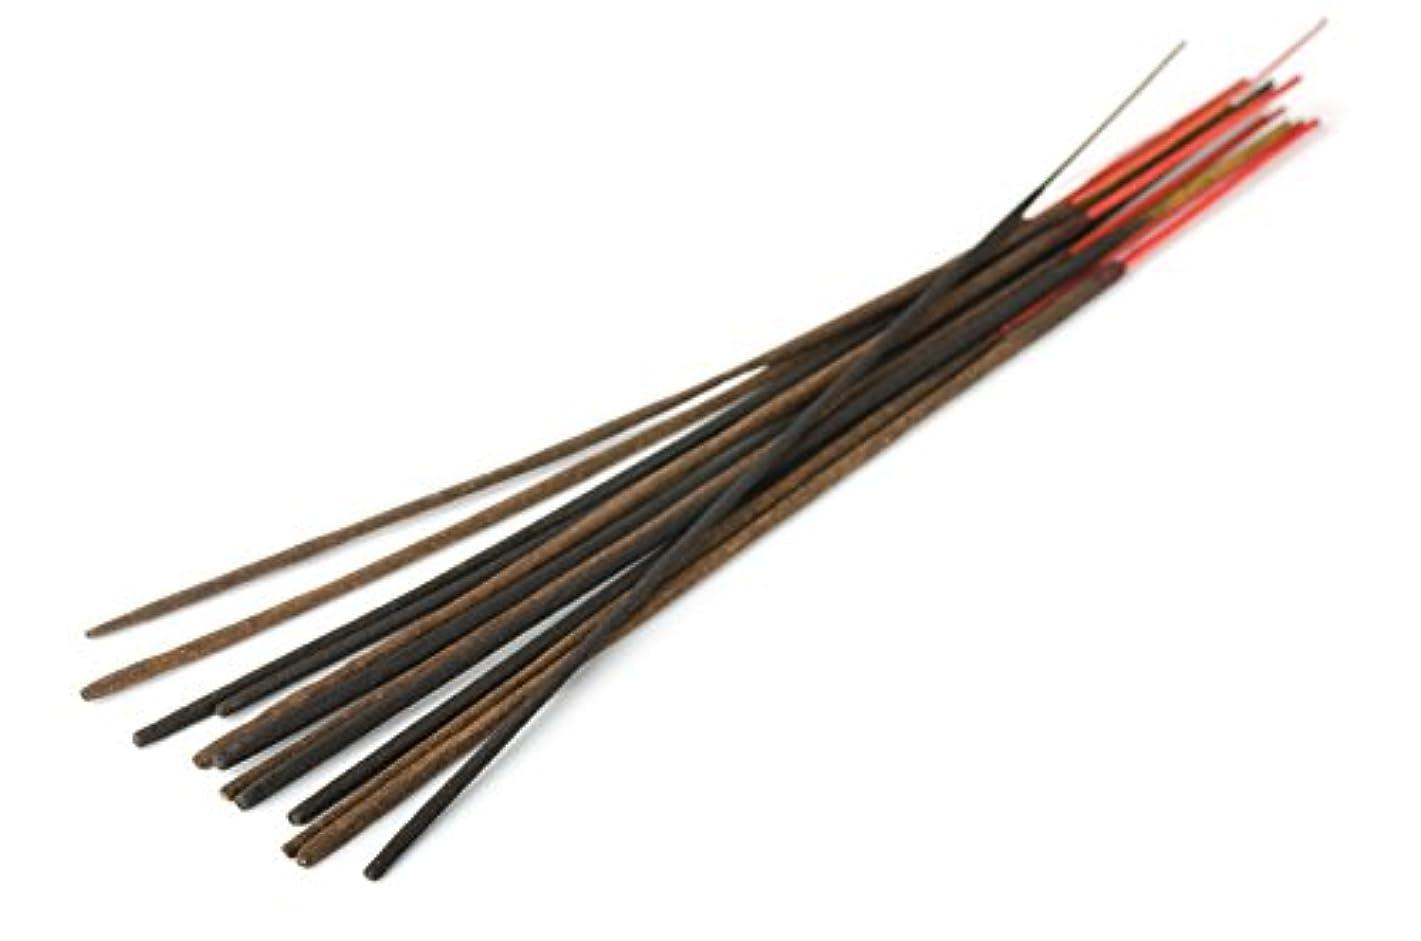 主張する正しく過度のプレミアムハンドメイドパンプキンパイIncense Stickバンドル – 90 to 100 Sticks Perバンドル – 各スティックは11.5インチ、には滑らかなクリーンBurn